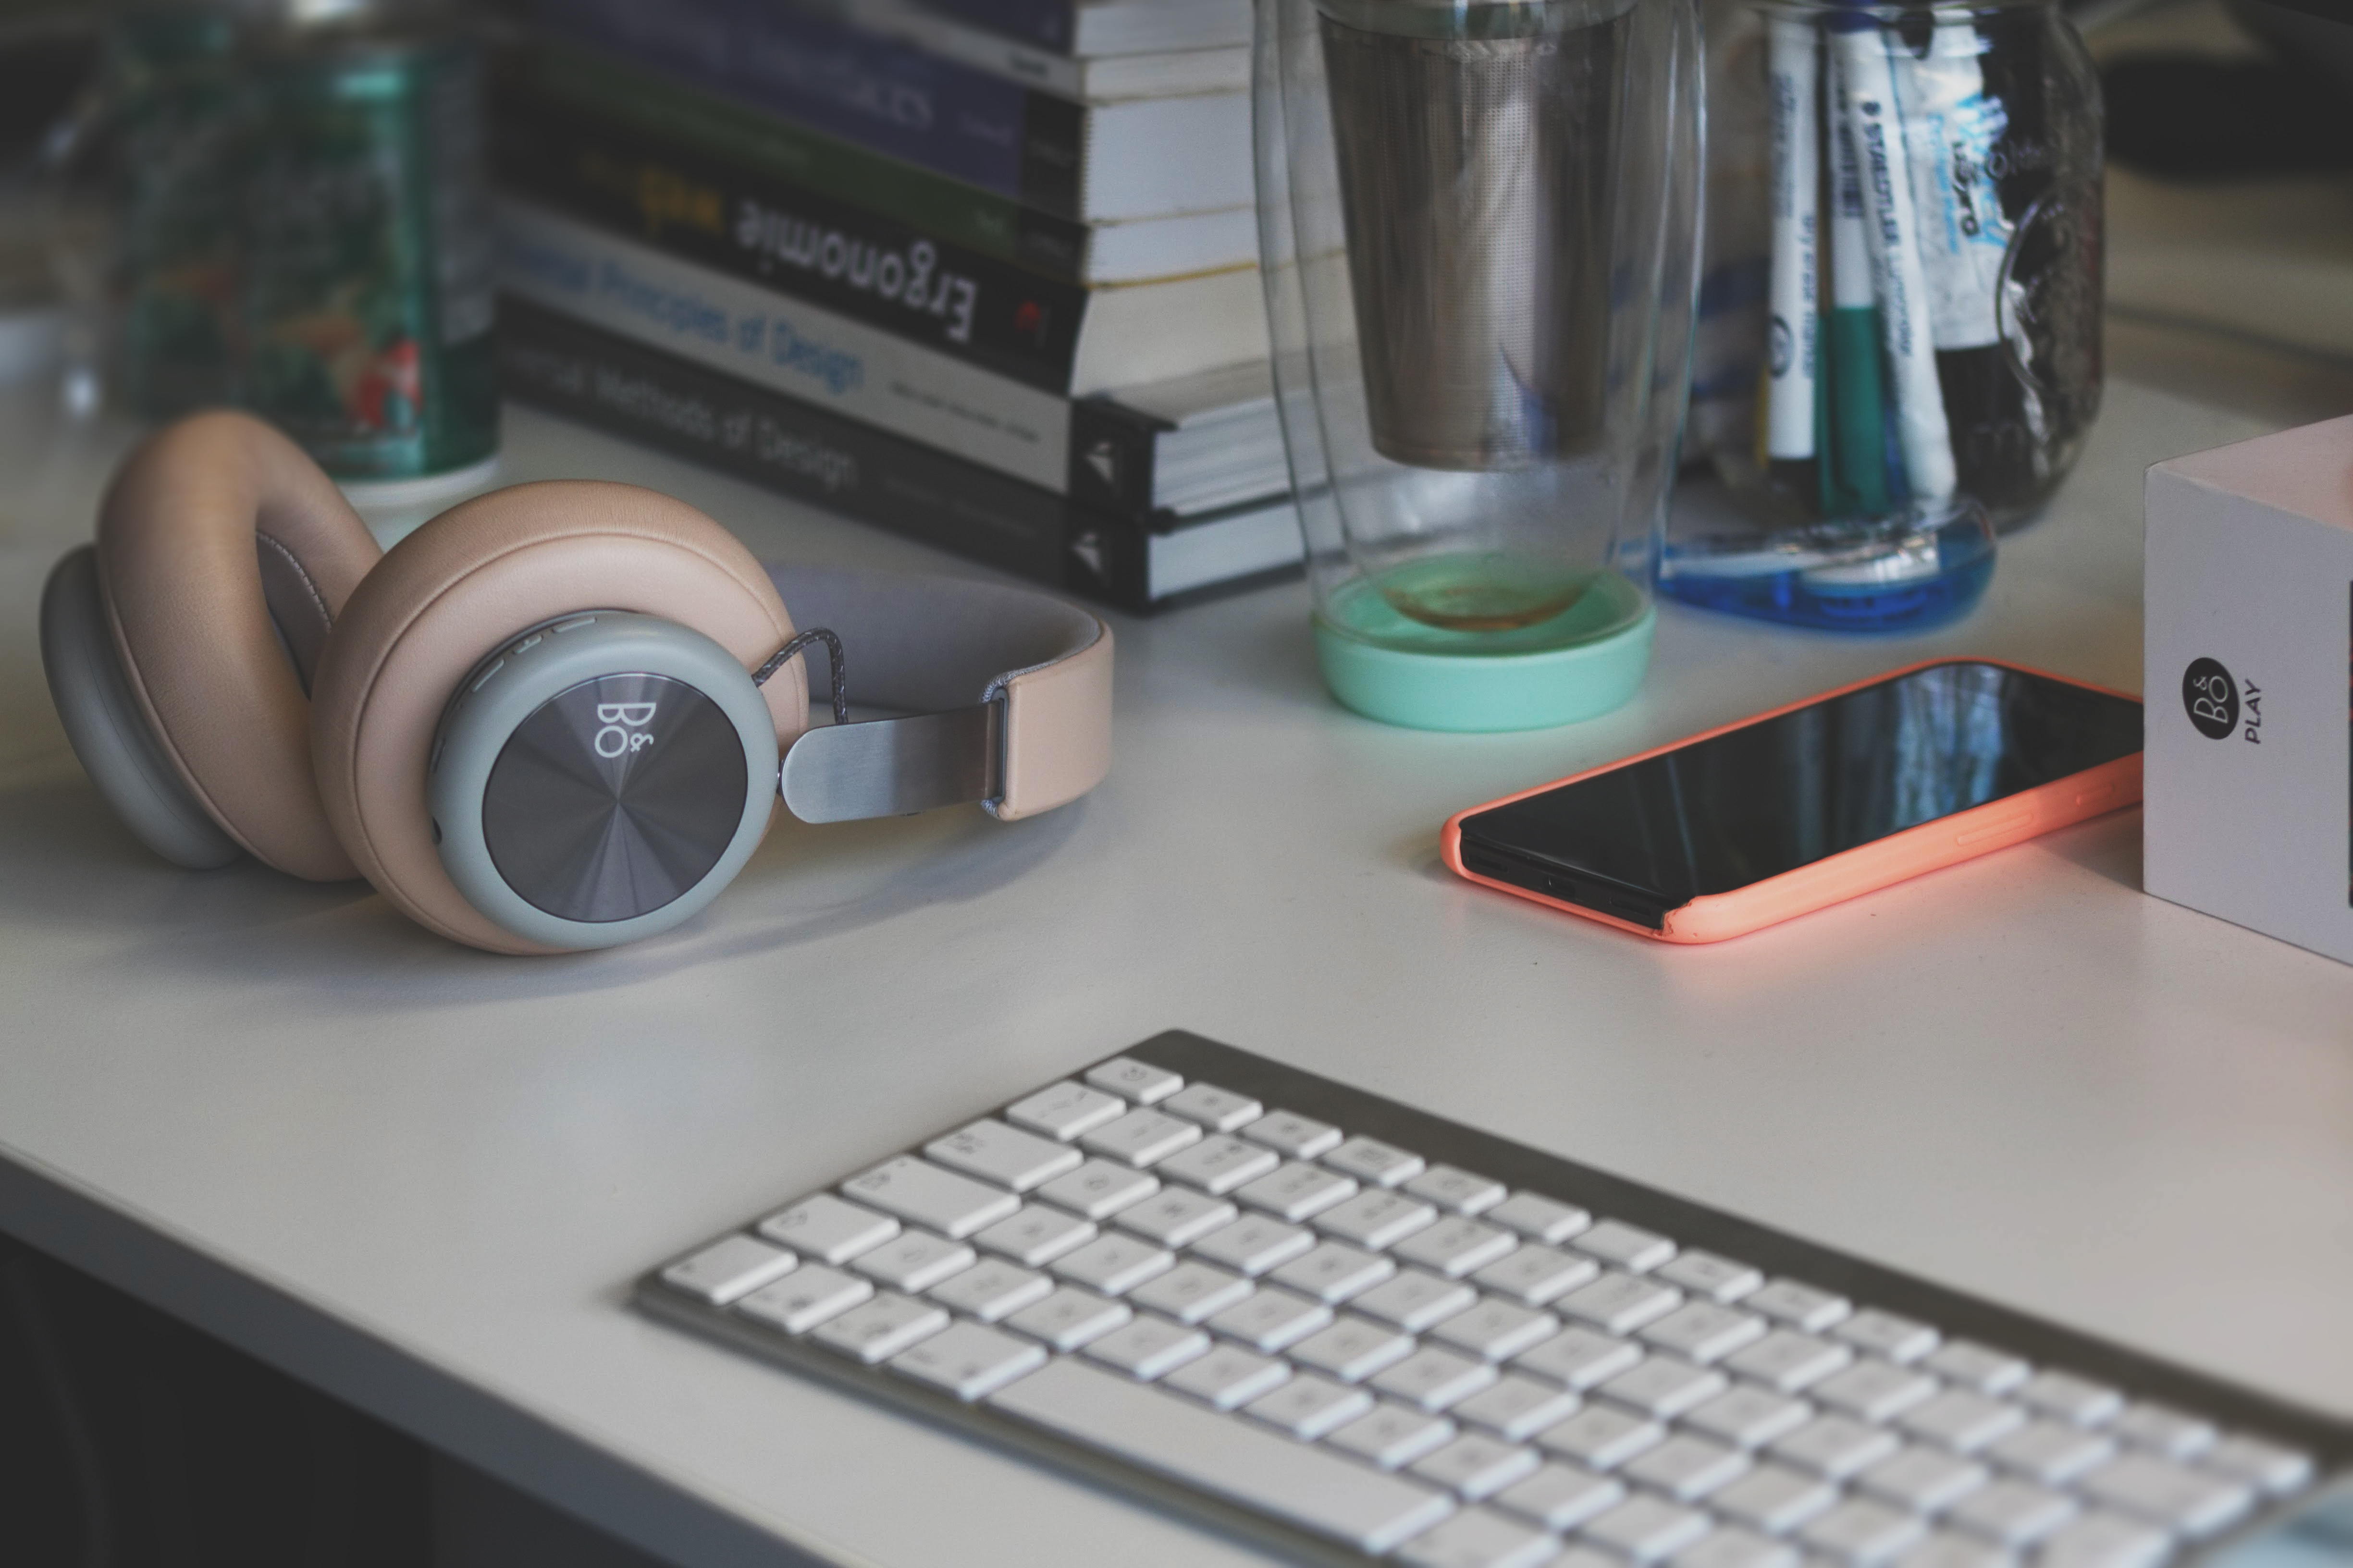 Mylène's desktop setup with pink and teal accents. Développement Notre méthodologie est rigoureuse et est appuyée par des technologies open source de pointe. Pour nous, pas question de faire quelque compromis que ce soit sur la qualité ni sur la sécurité de ce que nous développons. Cela va de soi, non?